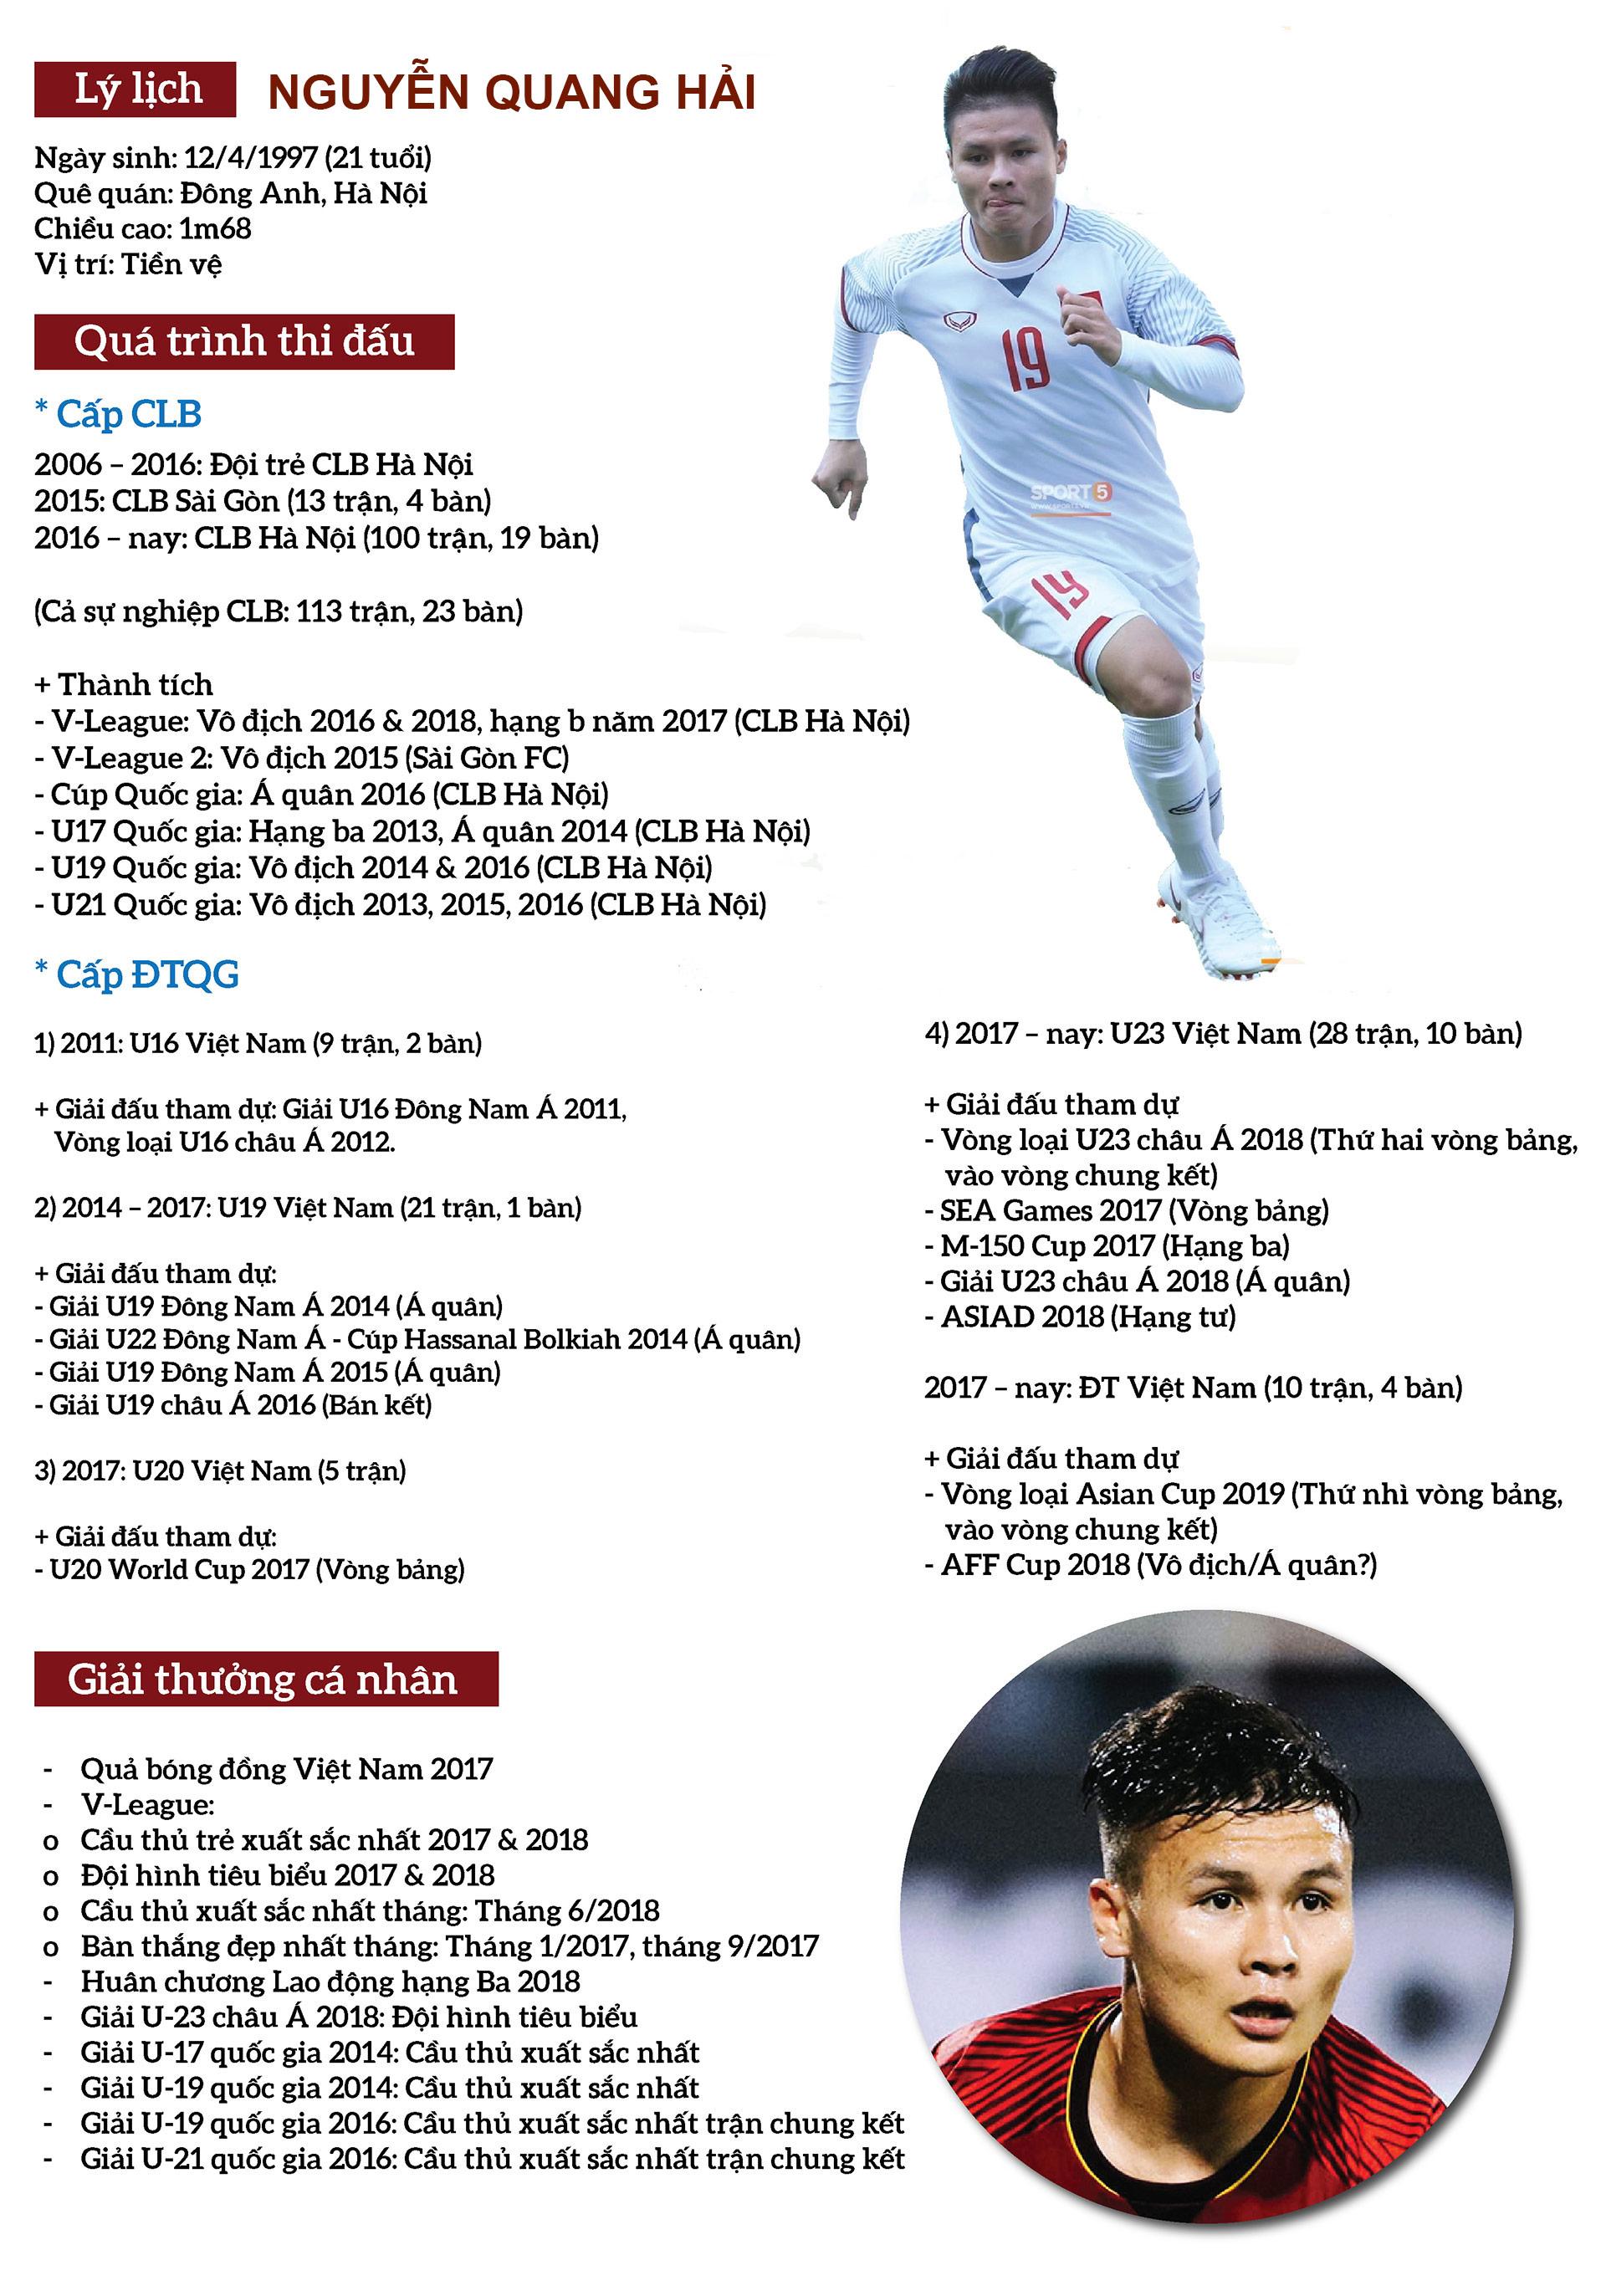 Quang Hải – Ngôi sao trẻ & 2 khoảnh khắc kỳ diệu bóng đá Việt Nam - 17